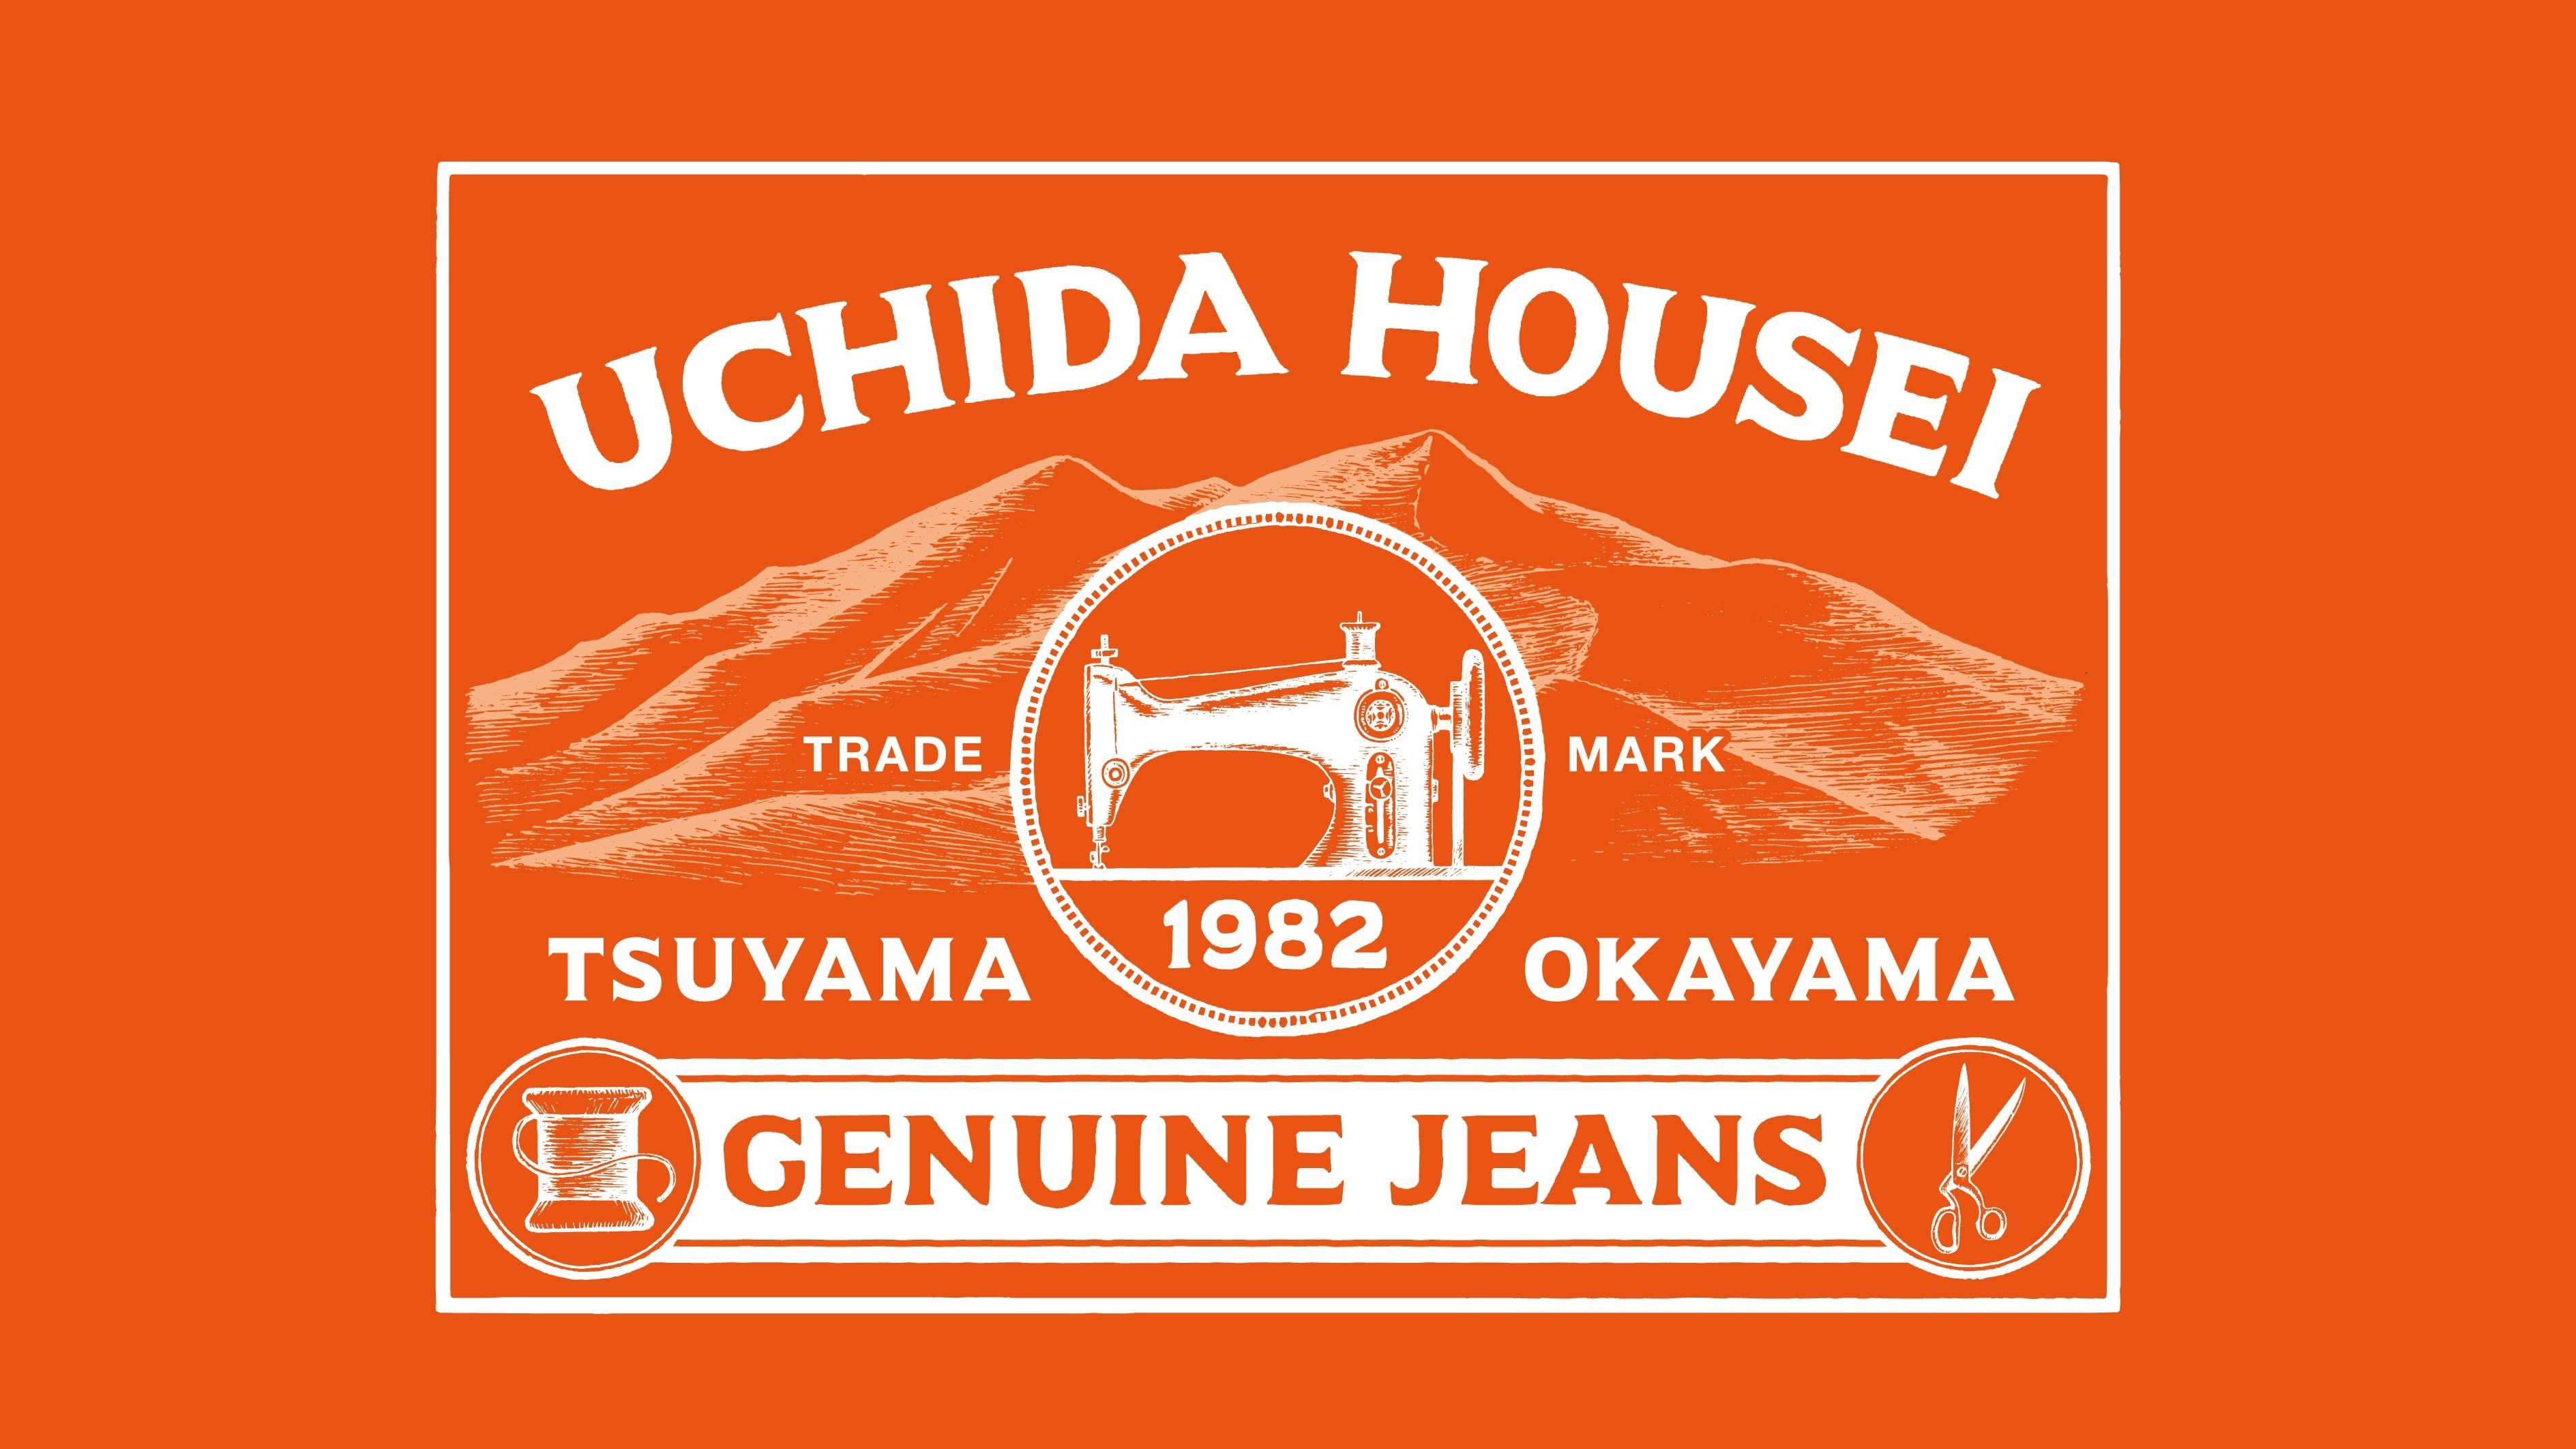 Online Shop にてUCHIDA HOUSEI製品の販売をスタートしました。